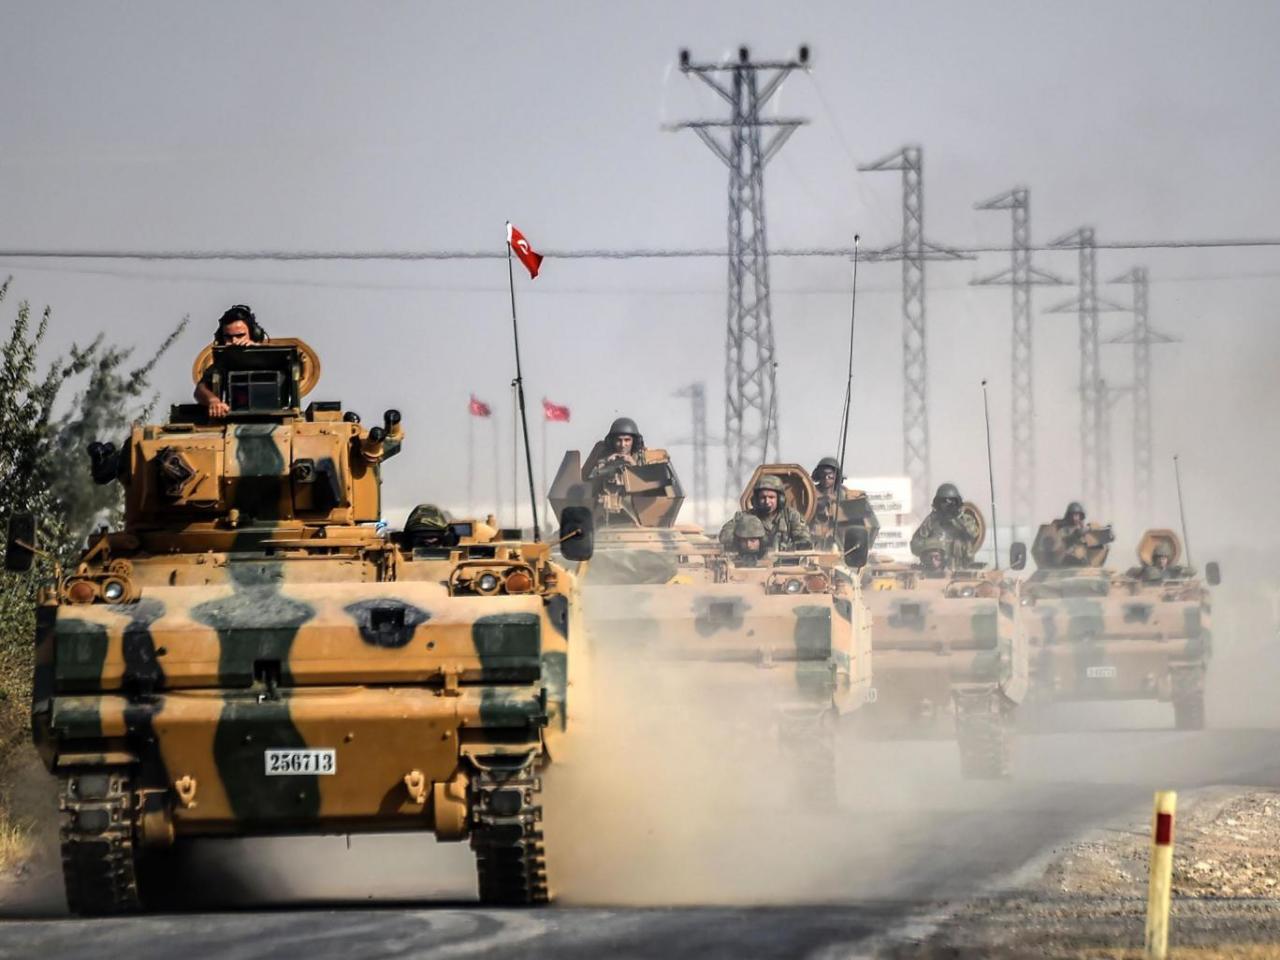 دعوات أمريكية لتجنيب عفرين هجمات تركية...والنظام السوري: سنتصدى للمقاتلات التركية